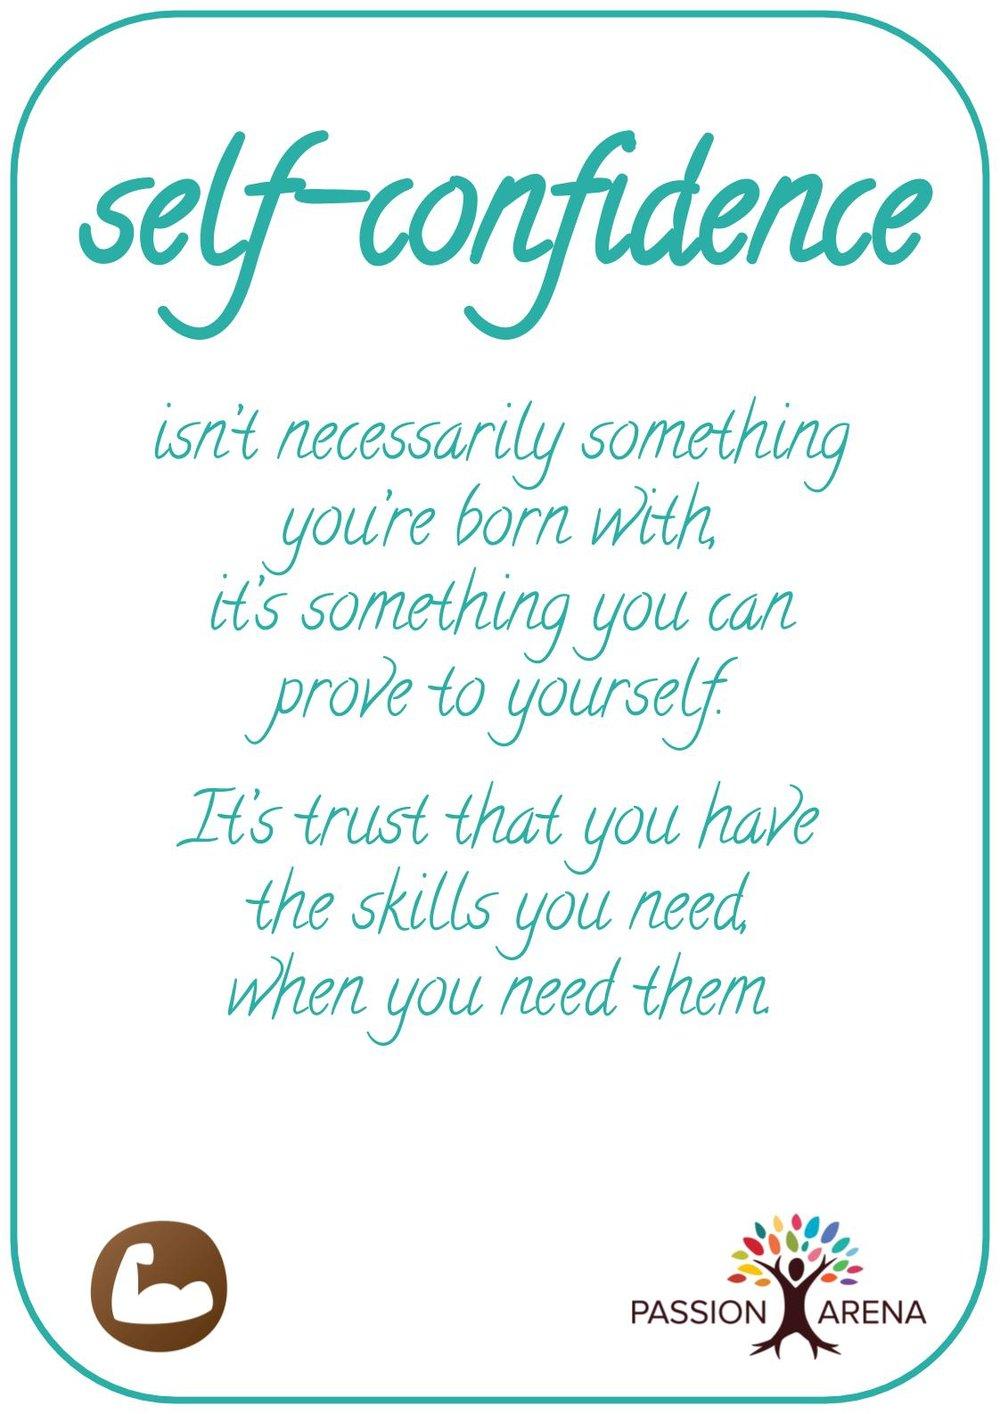 Intro-2-32. Are you self-confident?